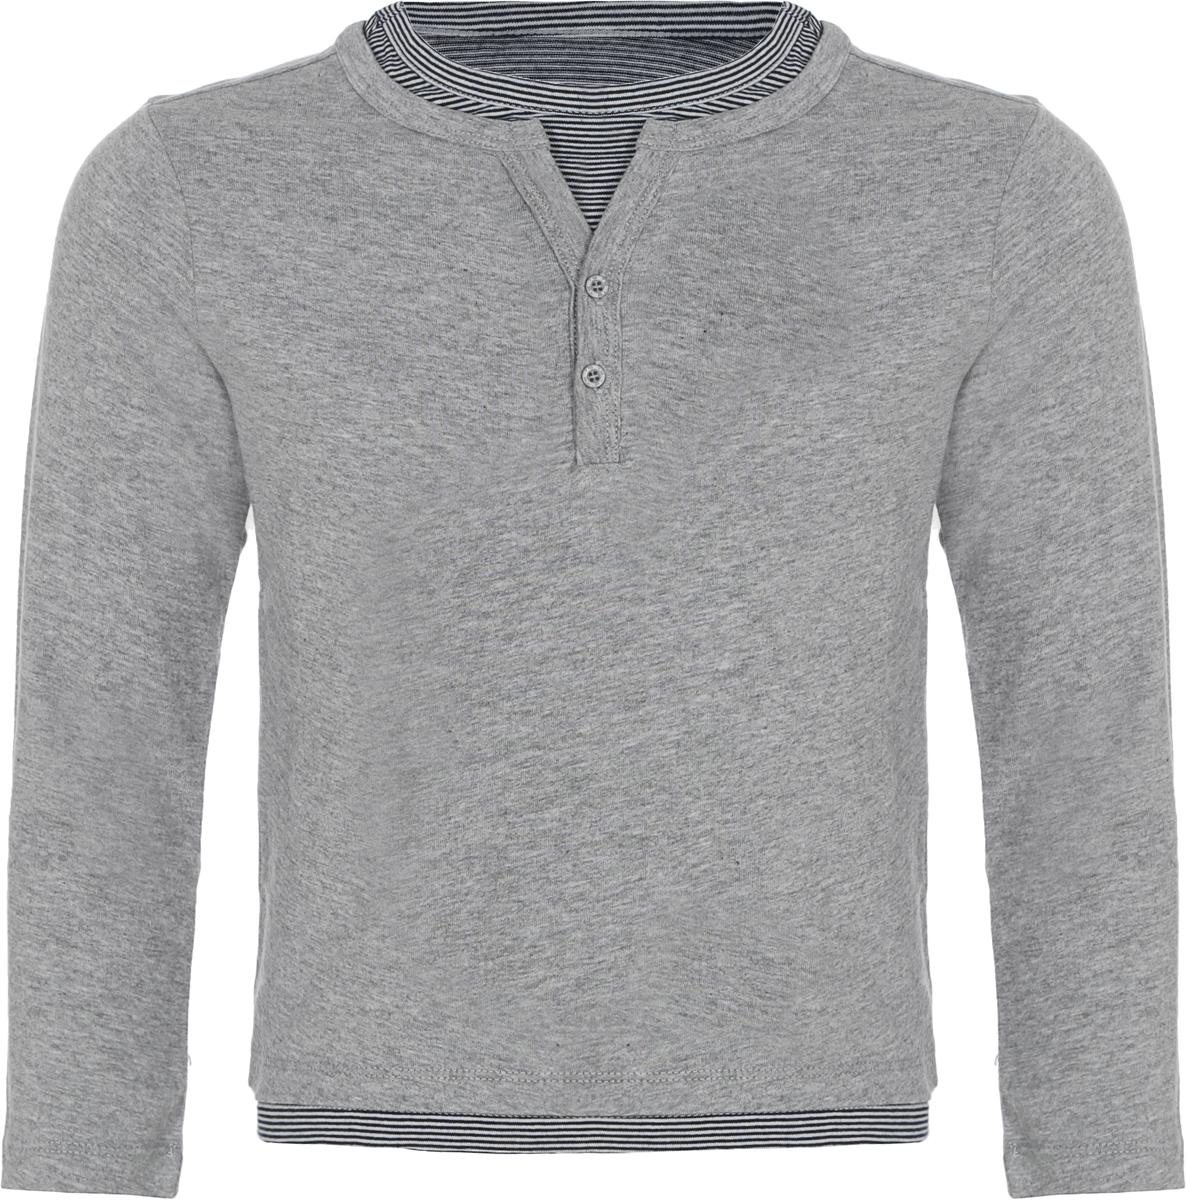 Джемпер для мальчика Sela, цвет: серый. T-711/585-8132. Размер 116, 6 лет